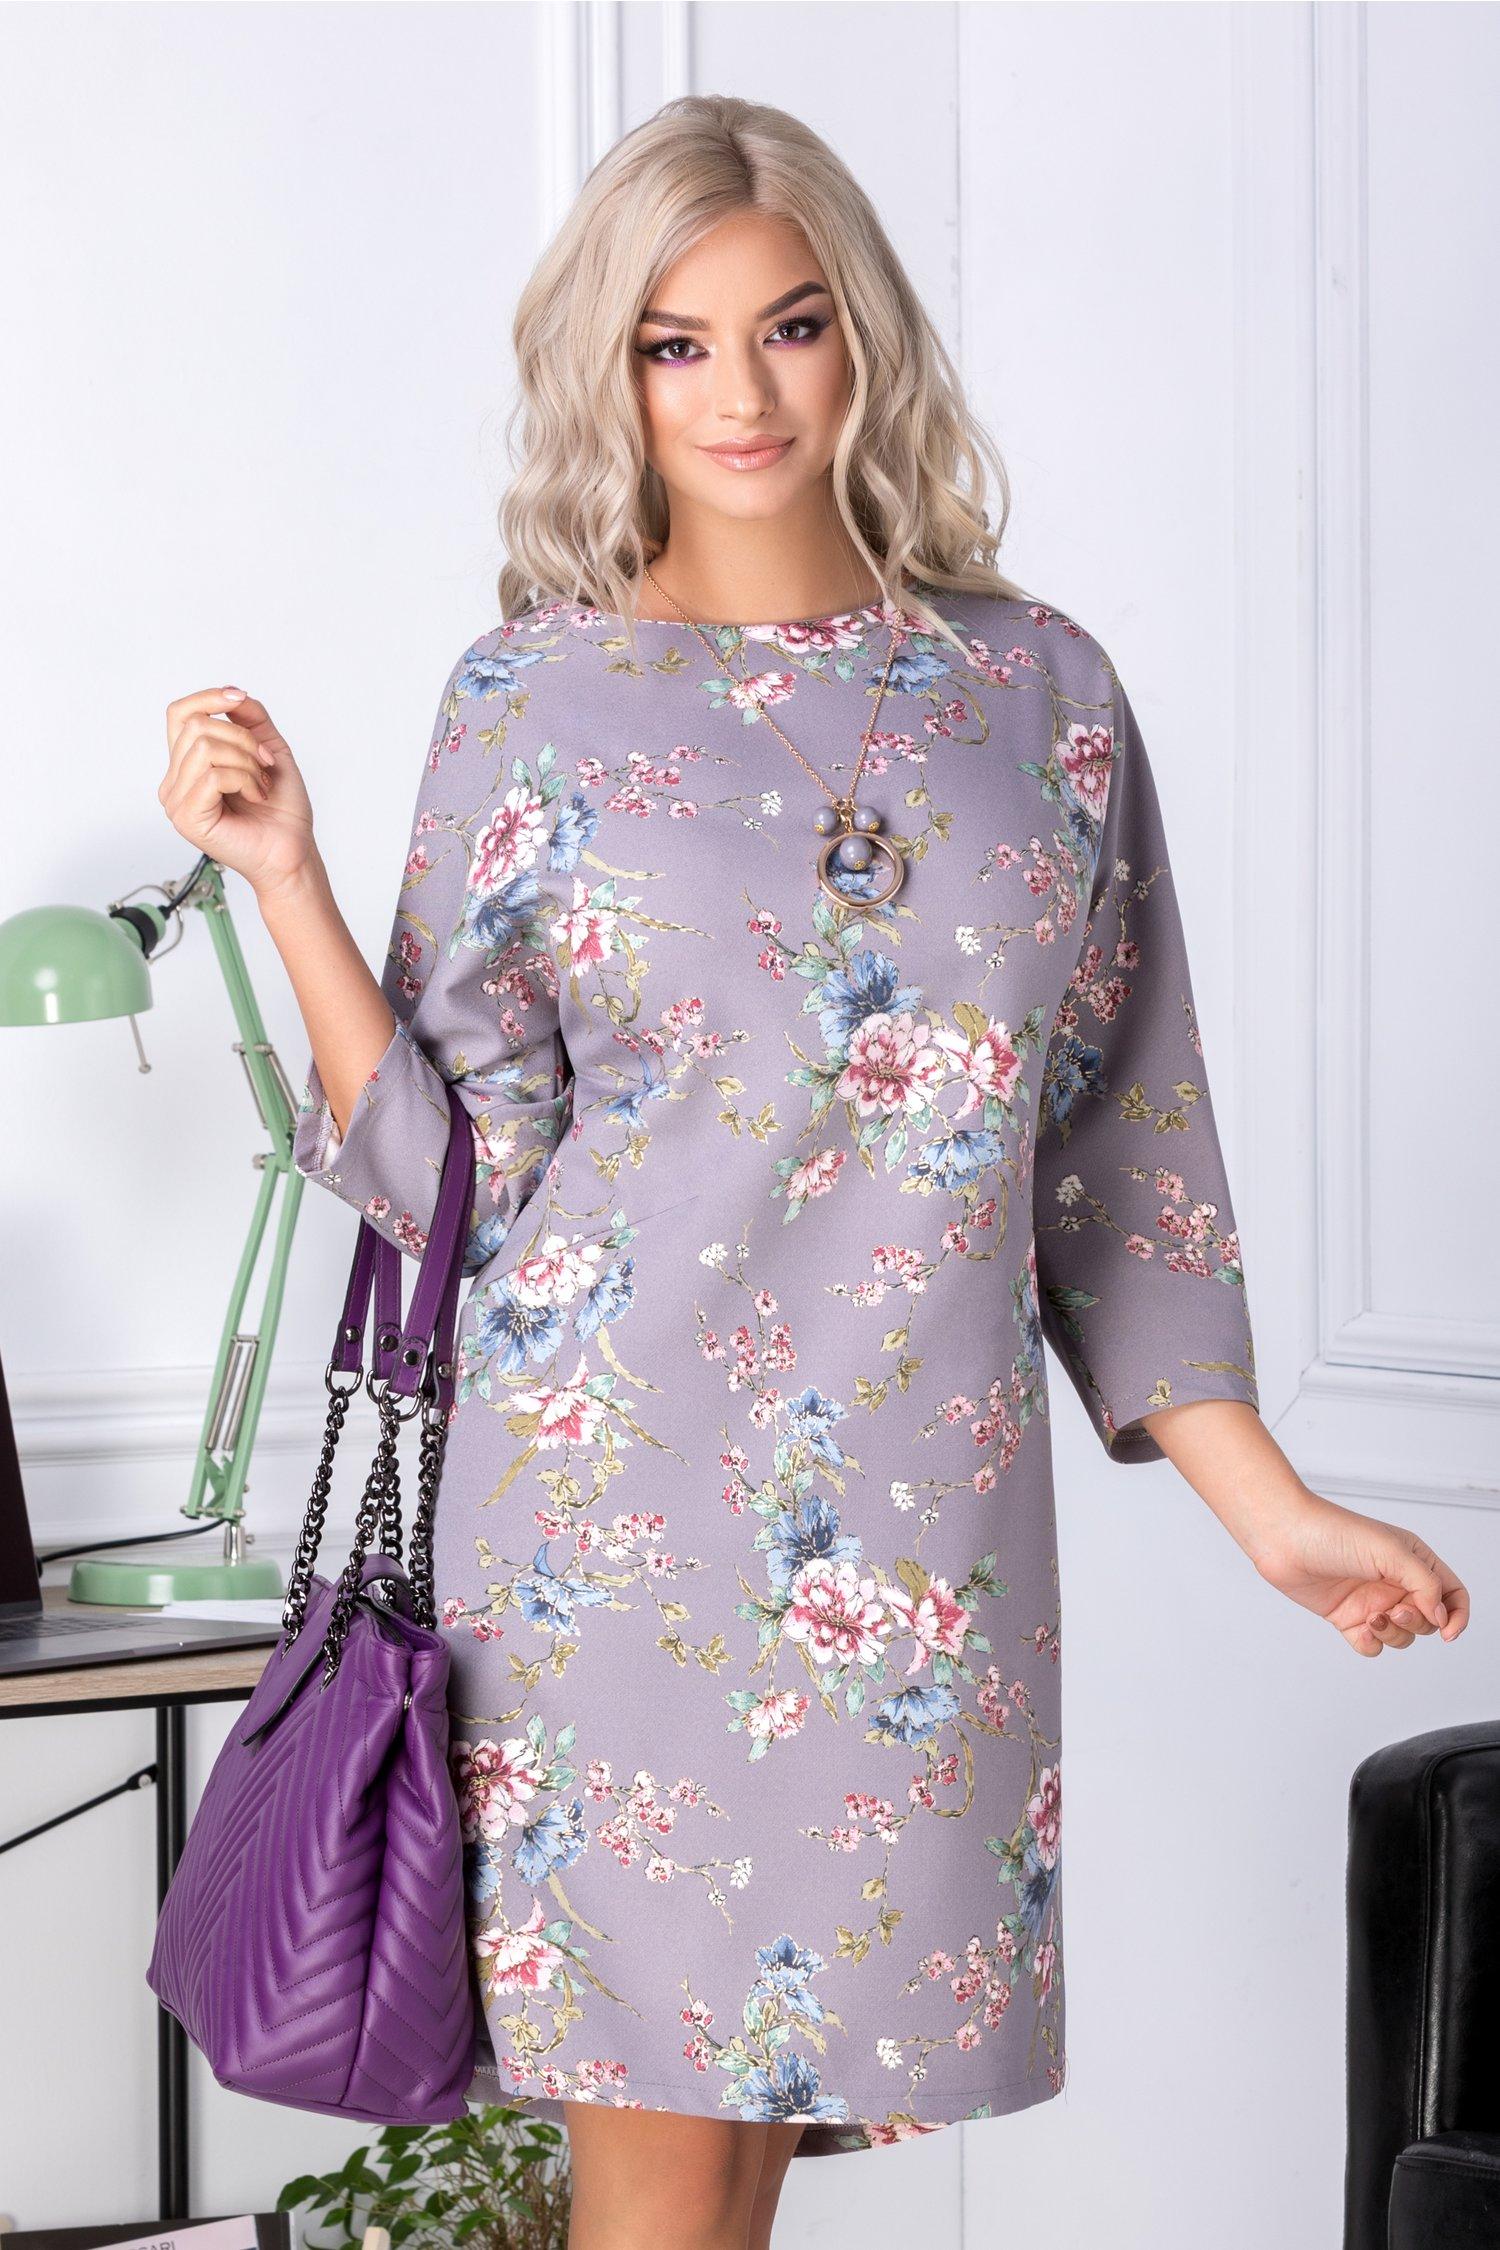 Rochie Patricia gri cu imprimeu floral pastelat